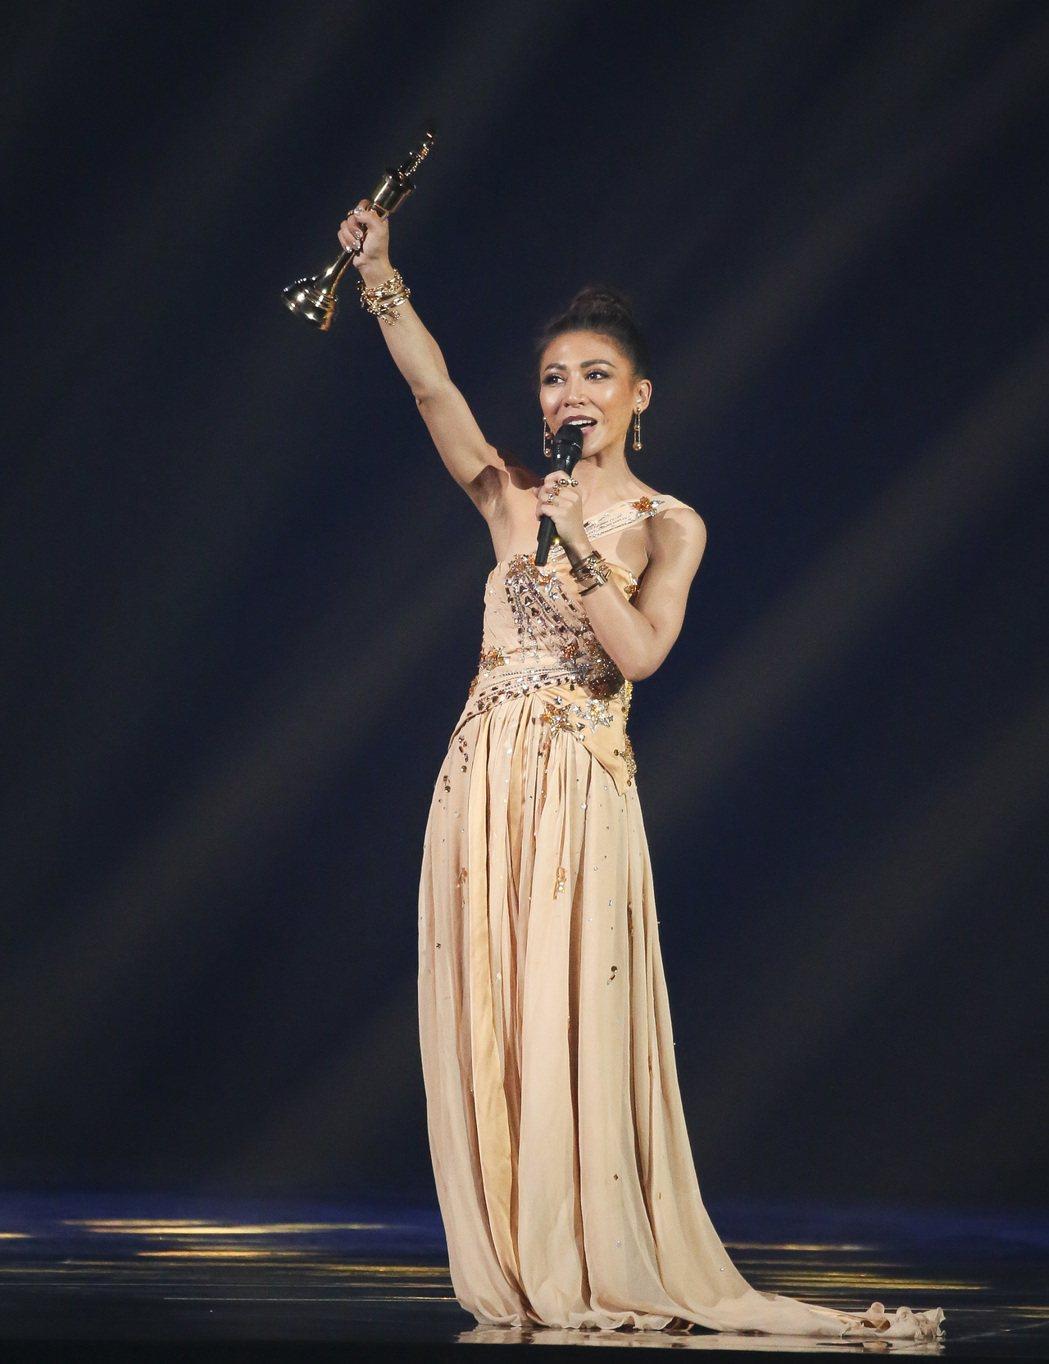 第28屆金曲獎,艾怡良獲得最佳國語女歌手獎。記者陳立凱/攝影